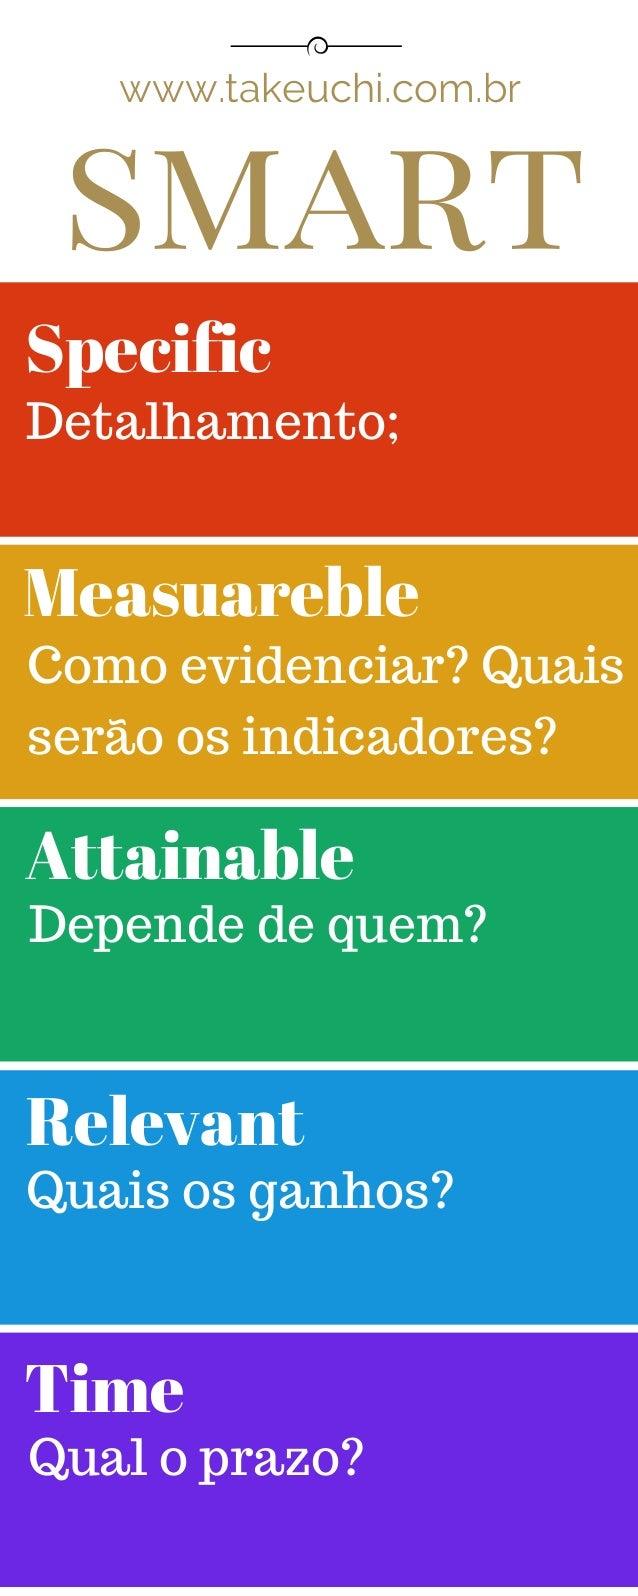 Specific Measuareble Attainable Relevant Time Detalhamento; Como evidenciar? Quais serão os indicadores? Depende de quem? ...